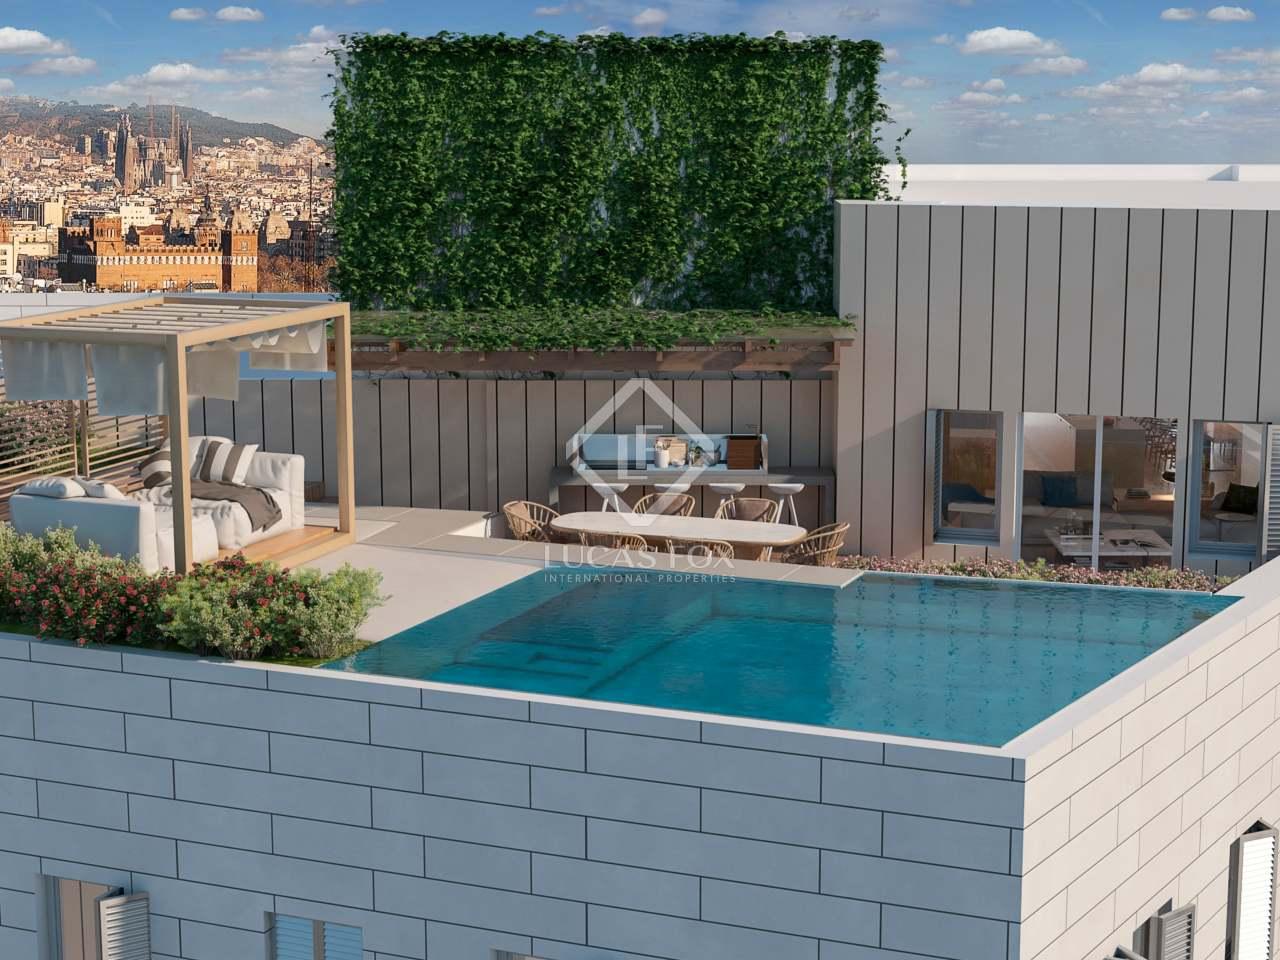 Las 10 mejores ideas para terrazas lucas fox - Ideas para decorar terraza atico ...